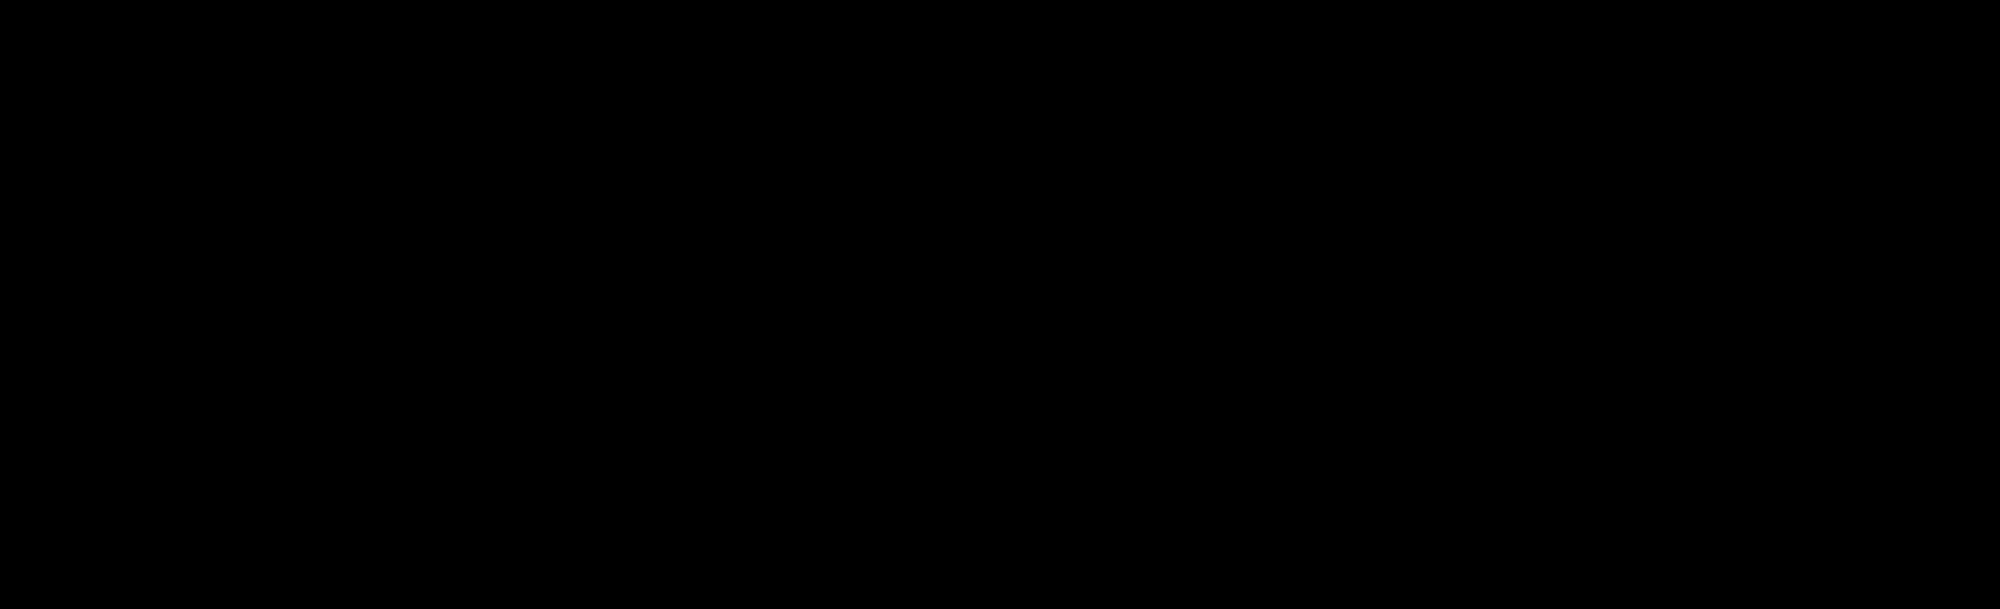 Boundless - Achievement-logo-black.png